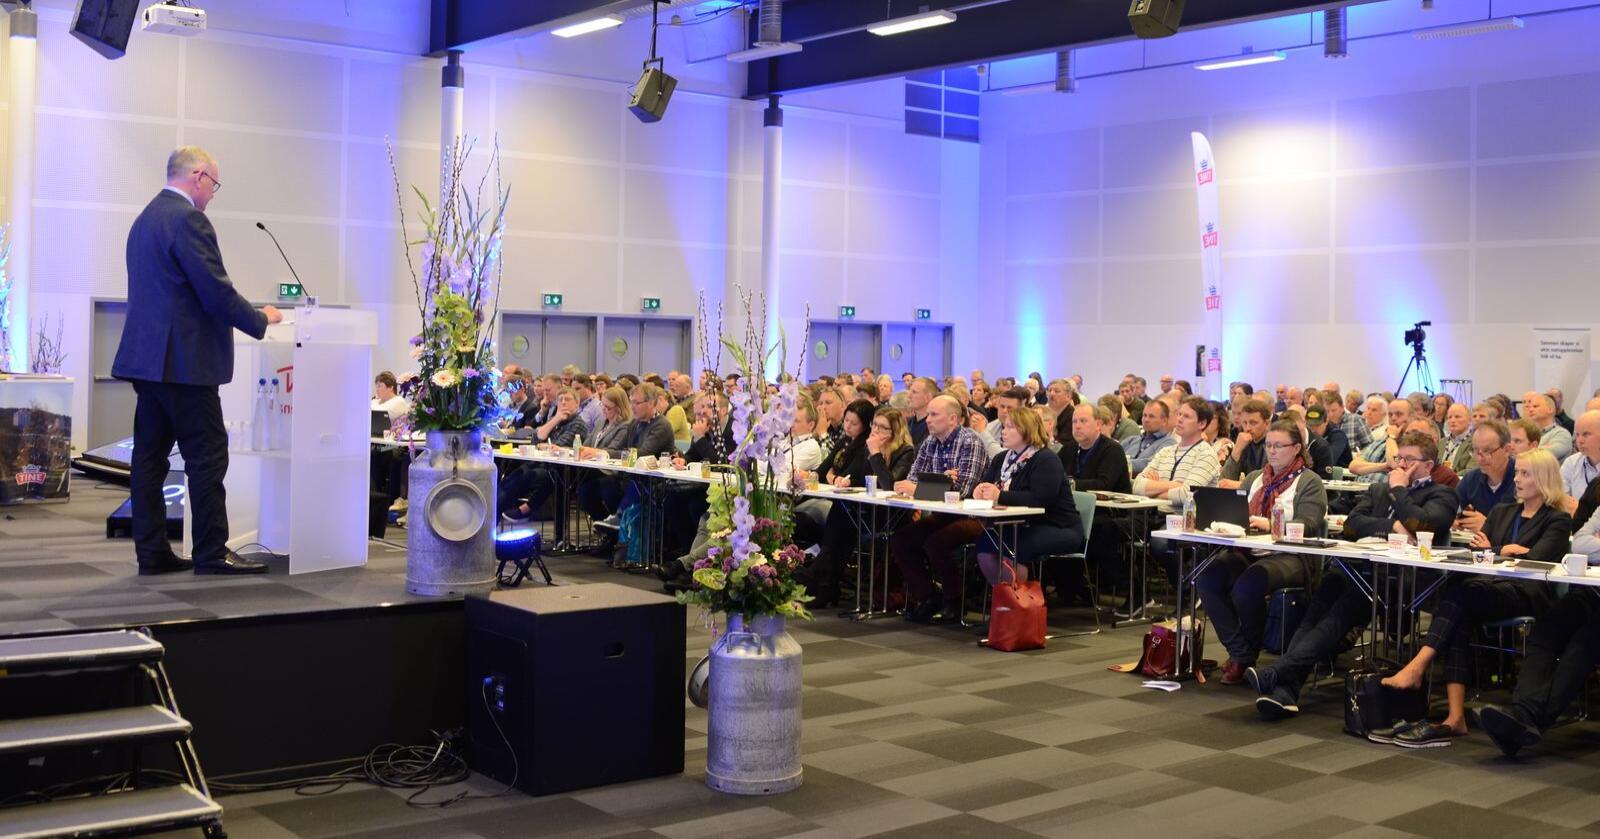 Utvalg og råd: Tine-styret foreslår fortsatt å legge ned eierutvalgene, samt å redusere størrelsen på rådet fra 40 til 20 medlemmer, men nå med en overgangsfase. (Arkivfoto: Linda Sunde)